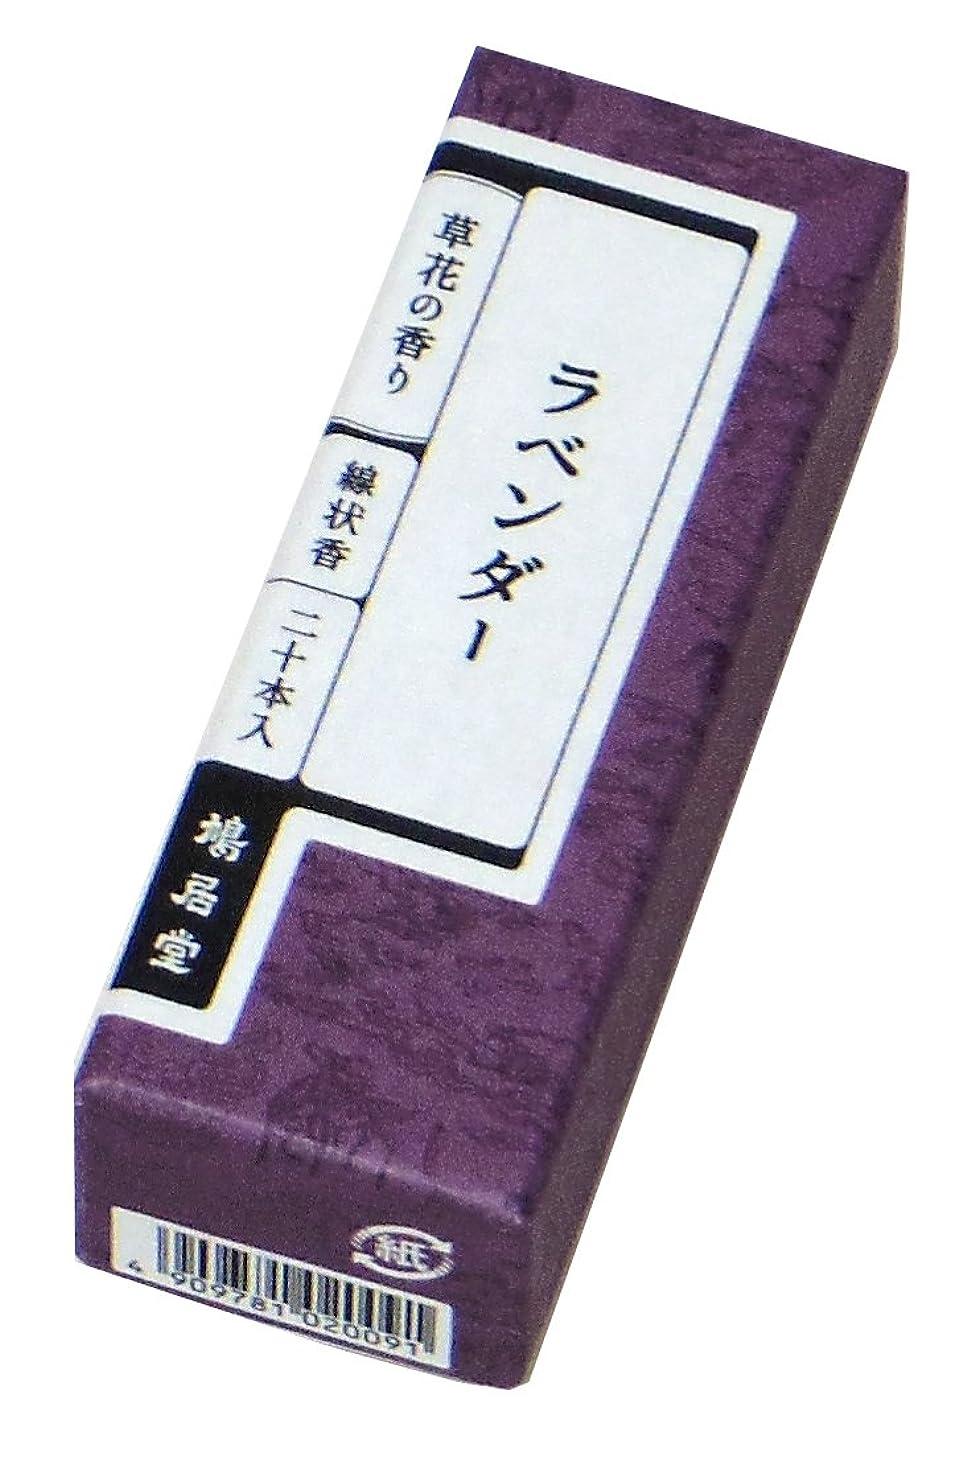 補助ミッションモニター鳩居堂のお香 草花の香り ラベンダー 20本入 6cm